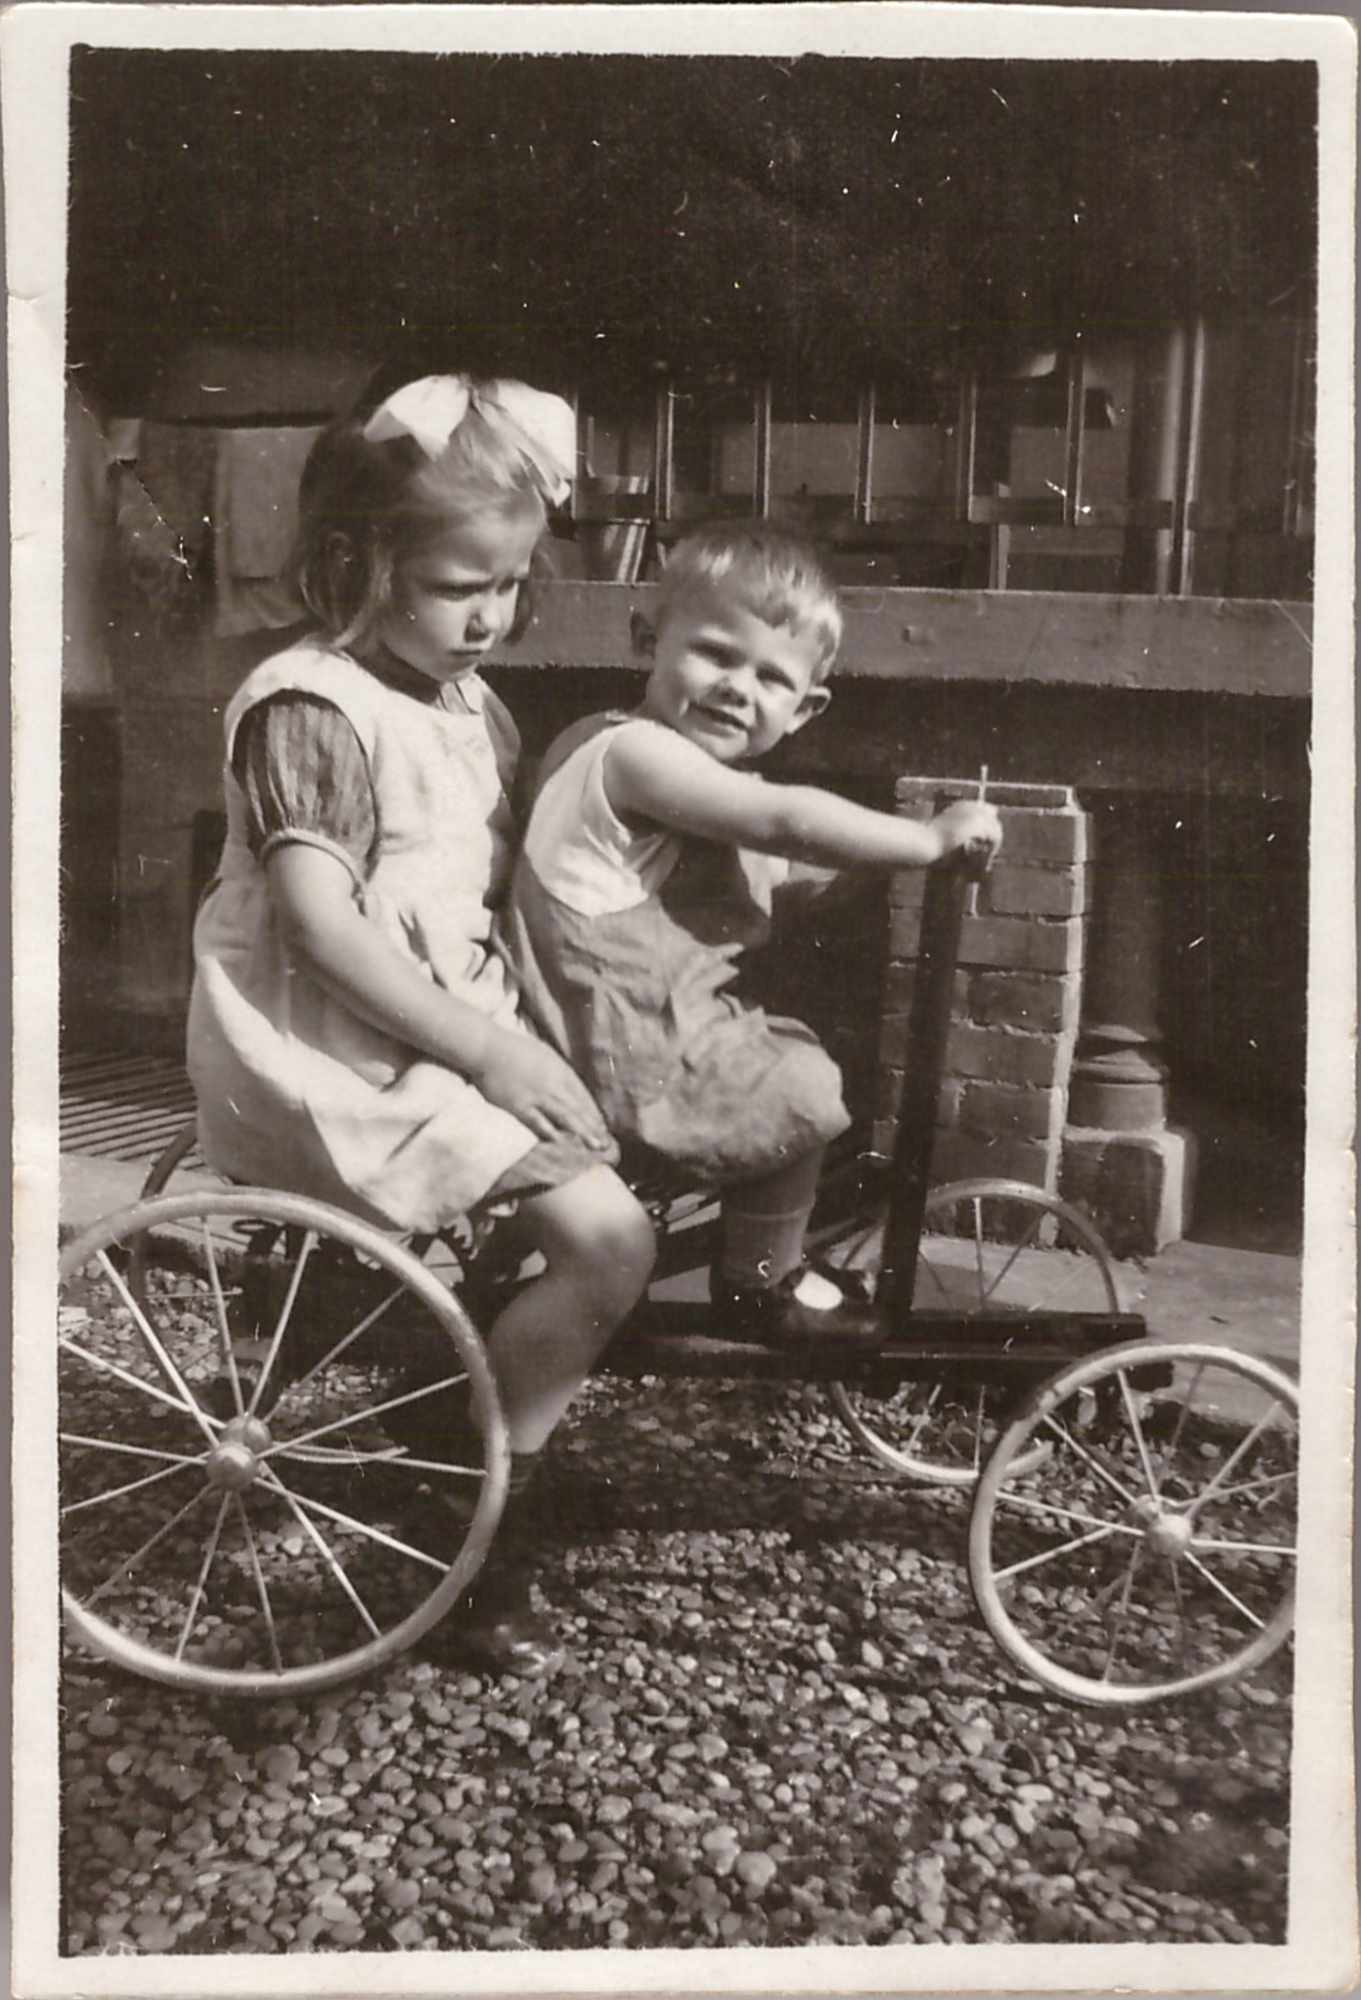 Bild: Gertrud Gürtler und Kurt Gürtler auf einer Draisine